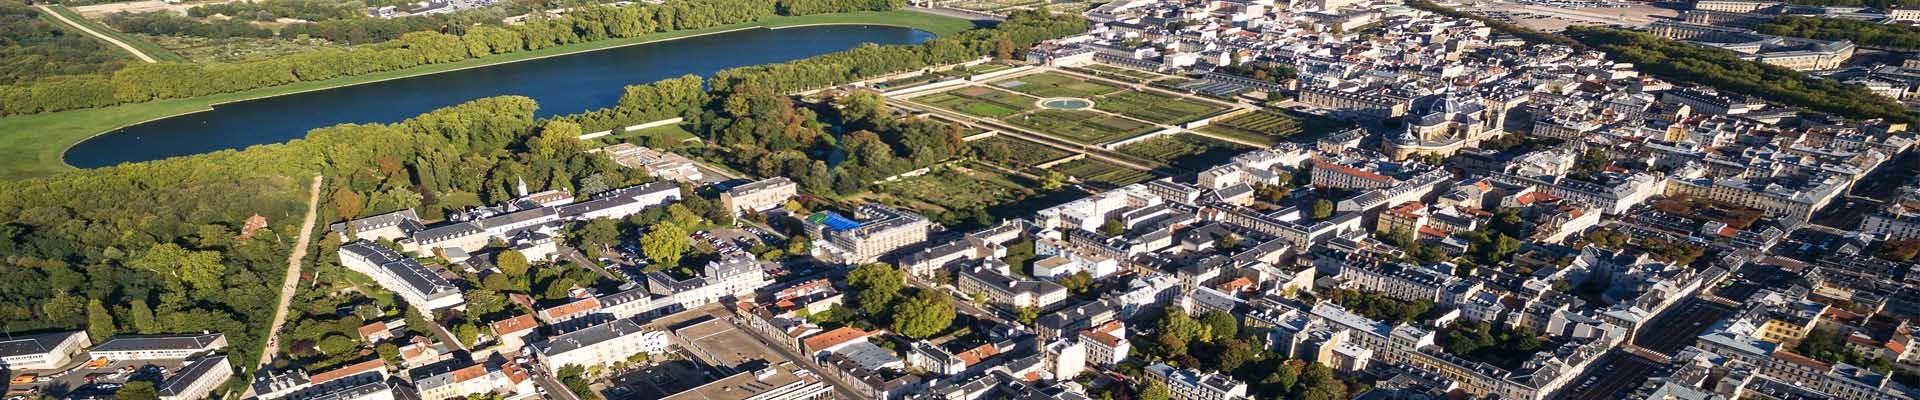 3 jours à Versailles